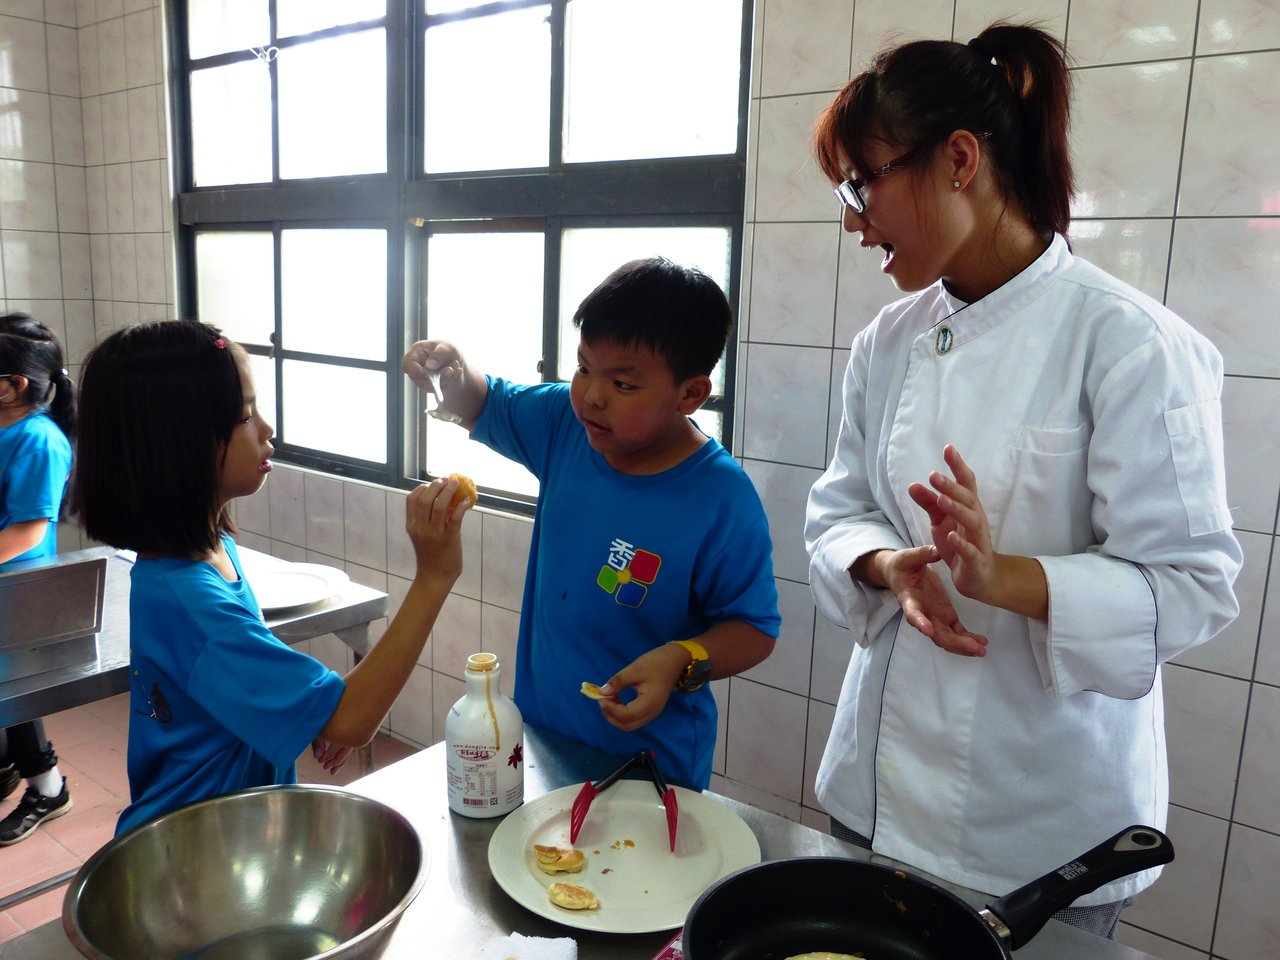 大葉大學學生教小朋友如何利用米糊製作銅鑼燒。記者凌筠婷/攝影